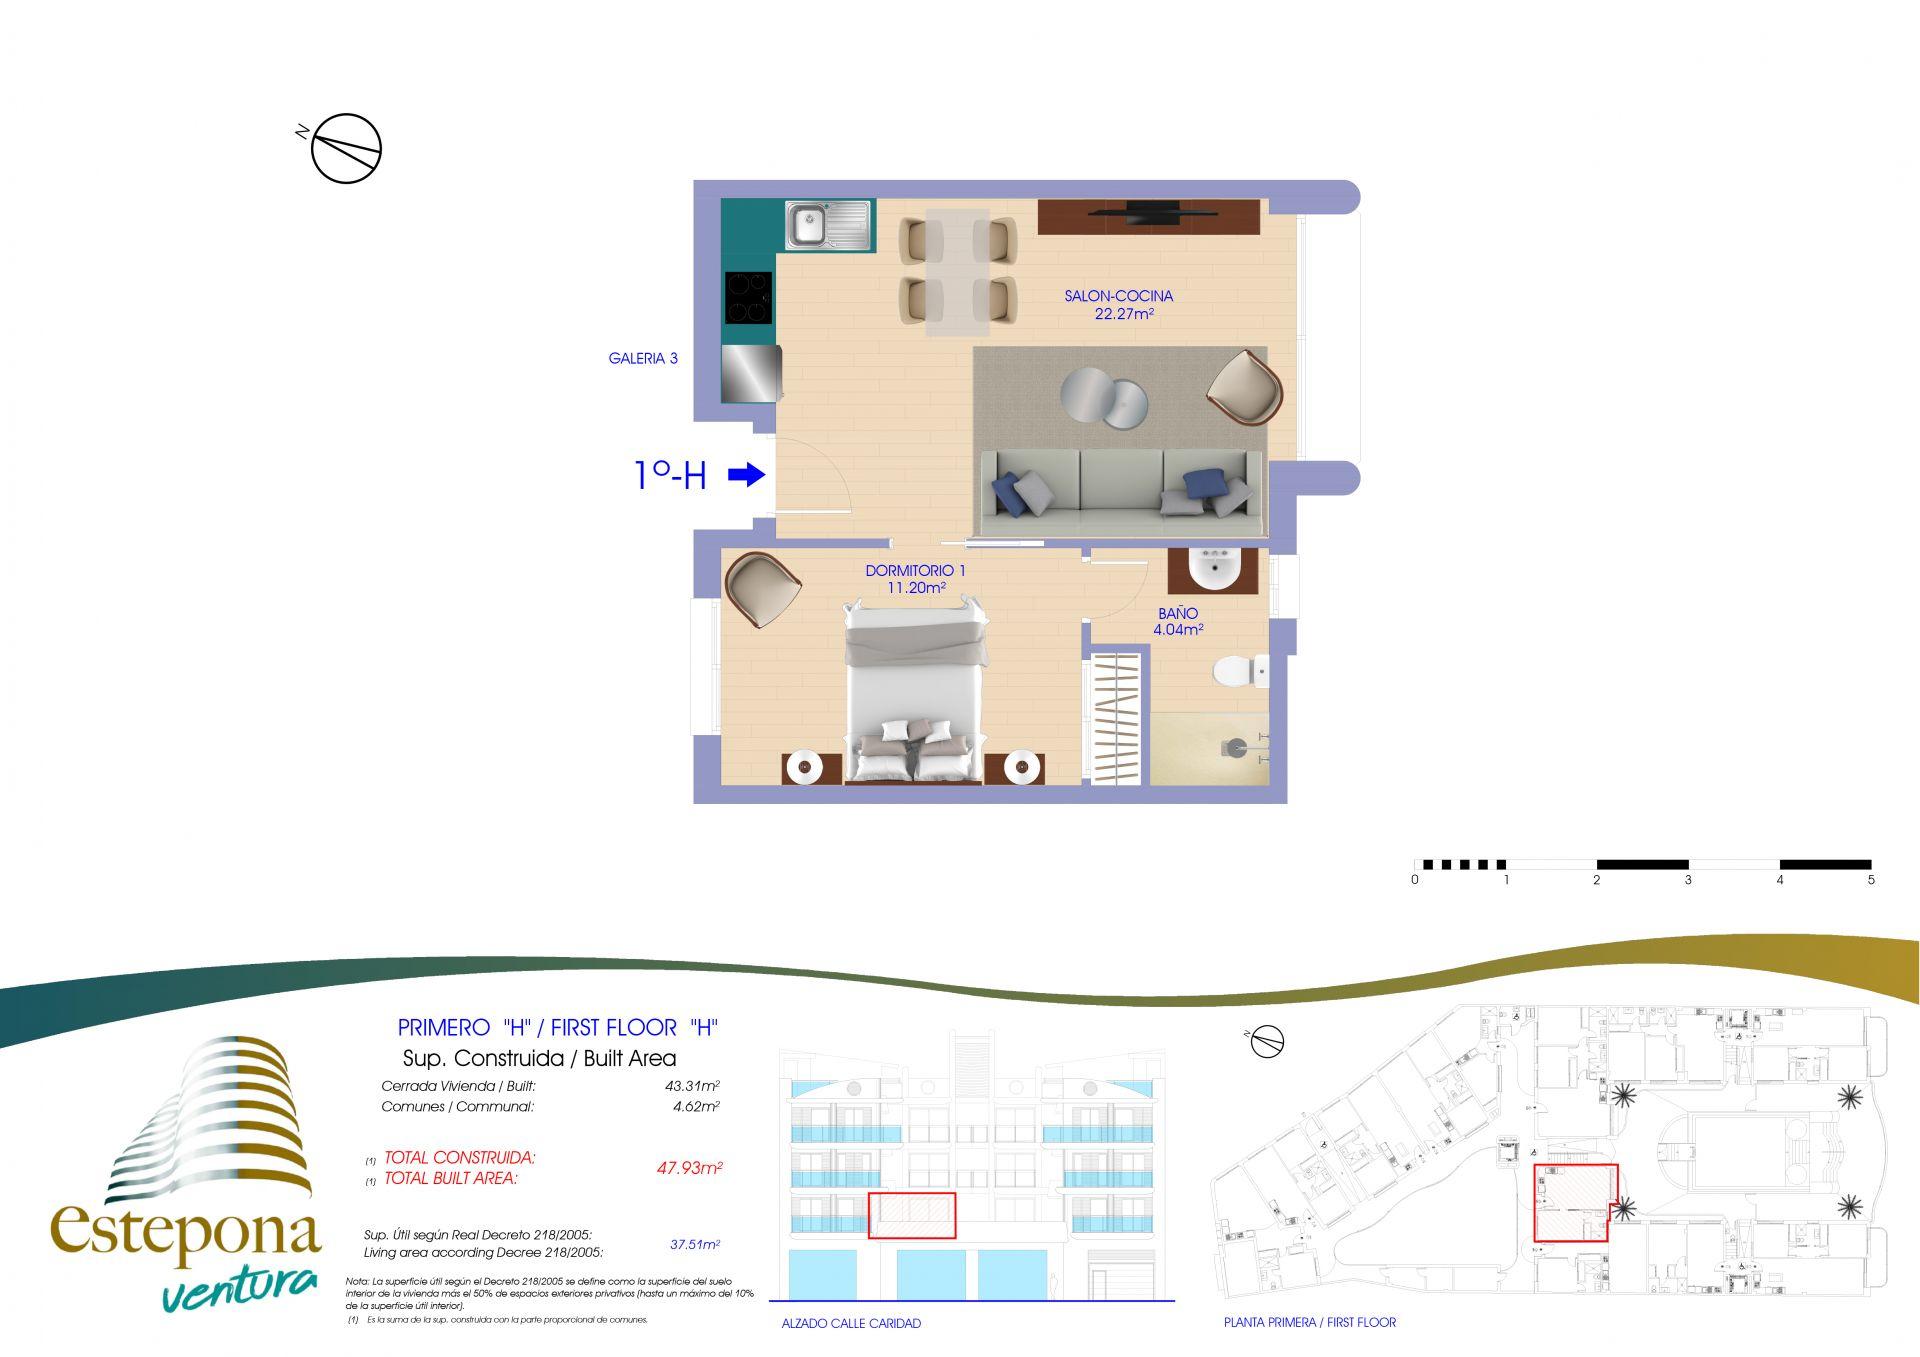 20201221 1º H  - Ventura Estepona | Compra de casa en Estepona